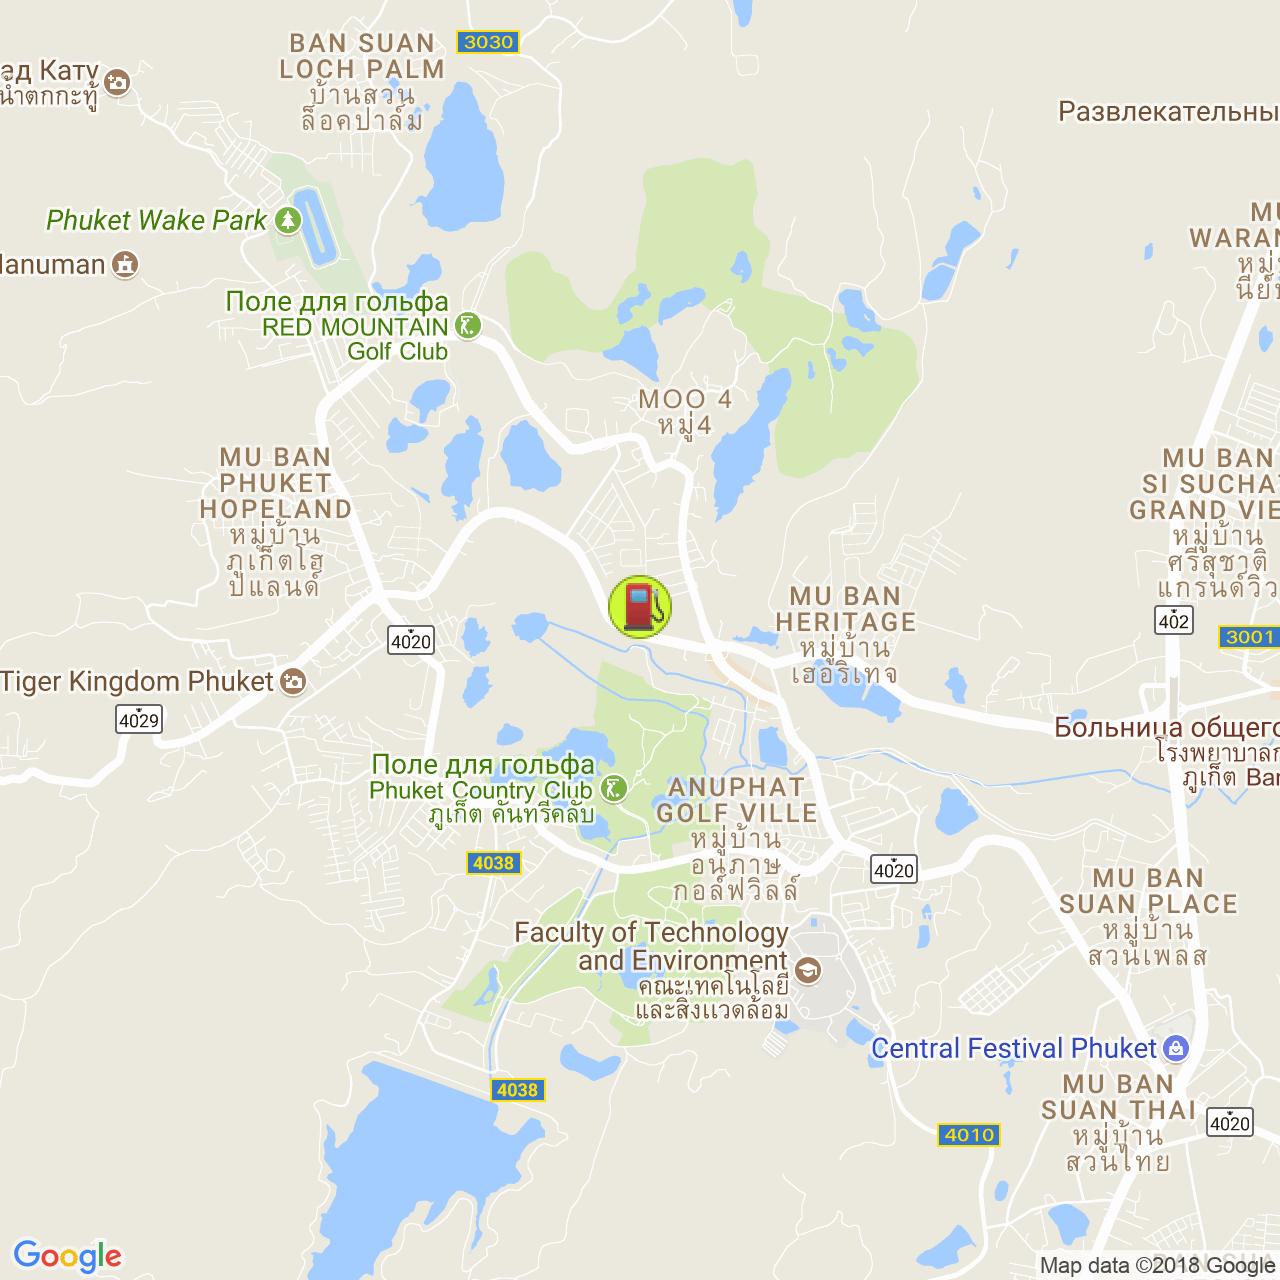 Заправка Листик @ Кату на карте Пхукета